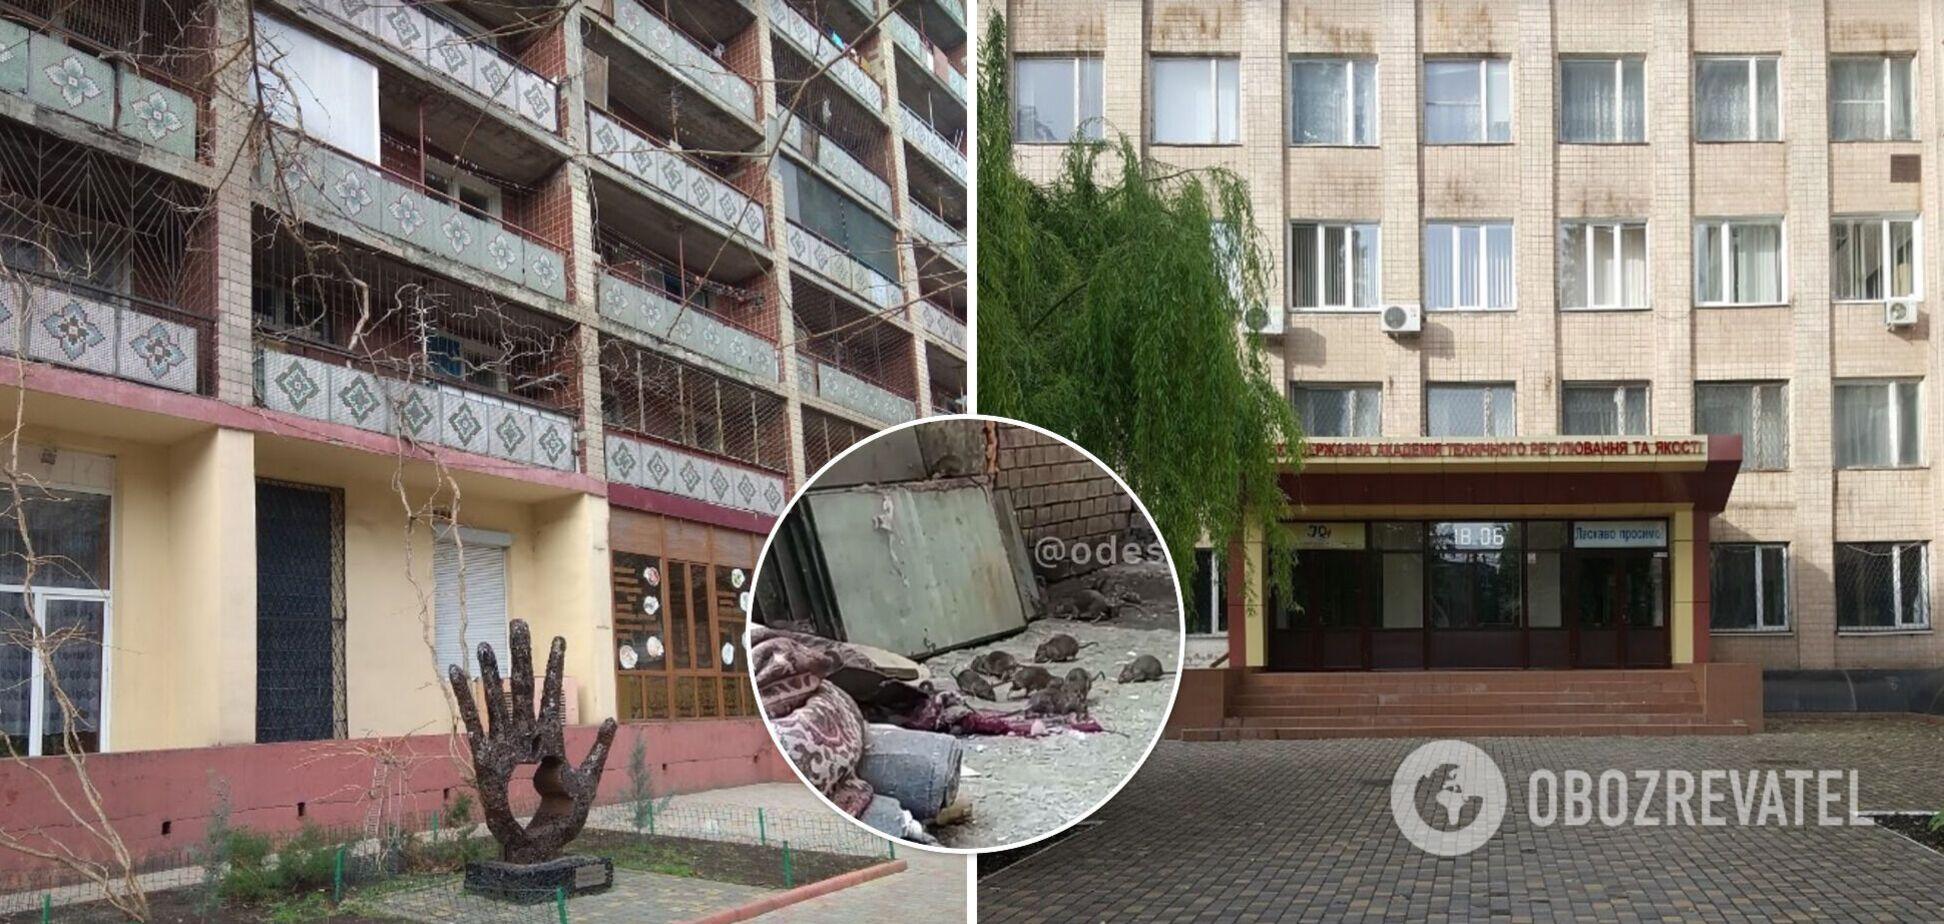 Общежитие одесского вуза заполонили крысы: бегают среди бела дня и не боятся людей. Видео